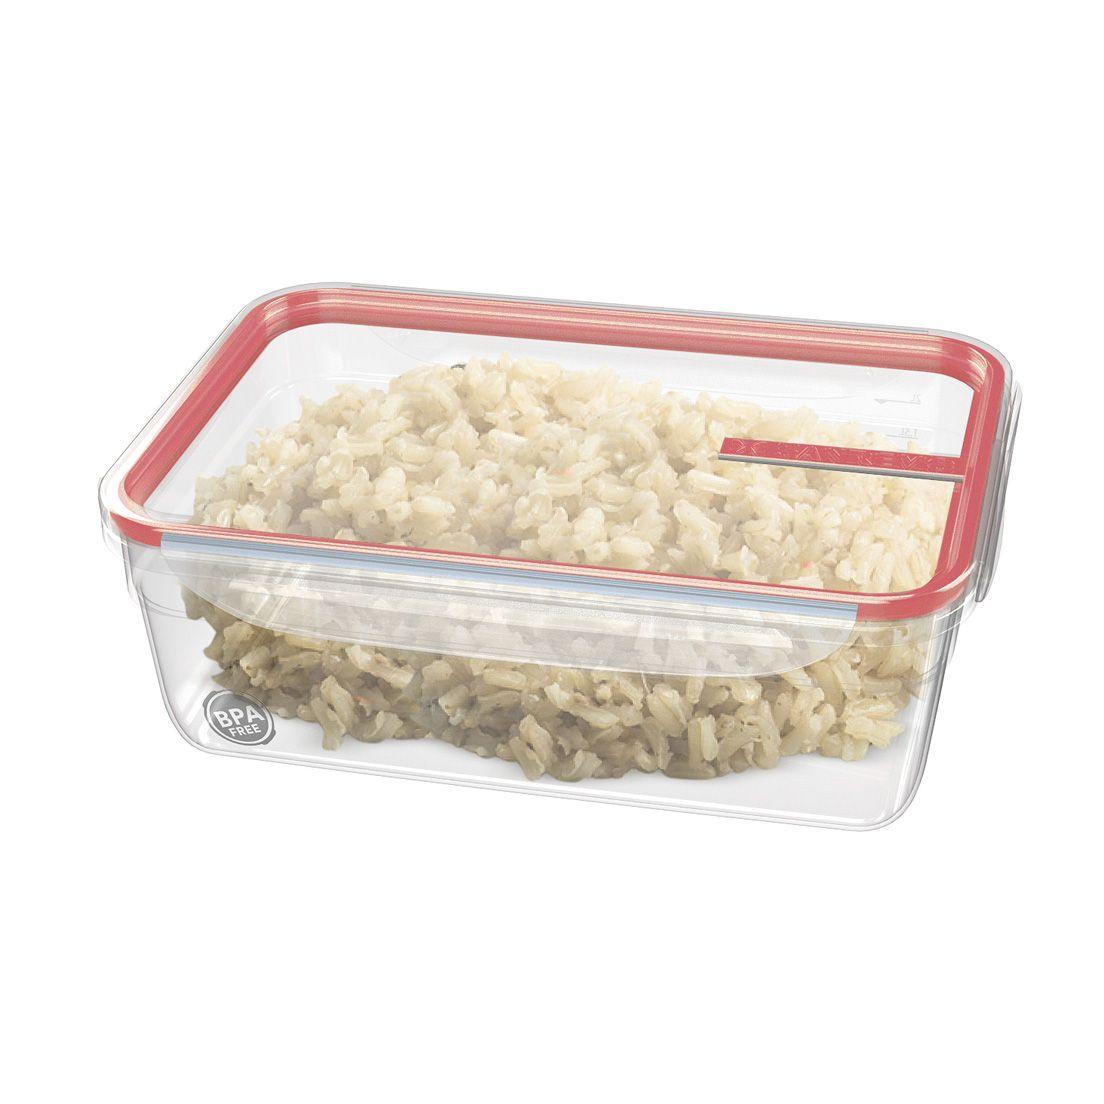 Pote Sanremo 2,5L de Plástico com Travas Coral